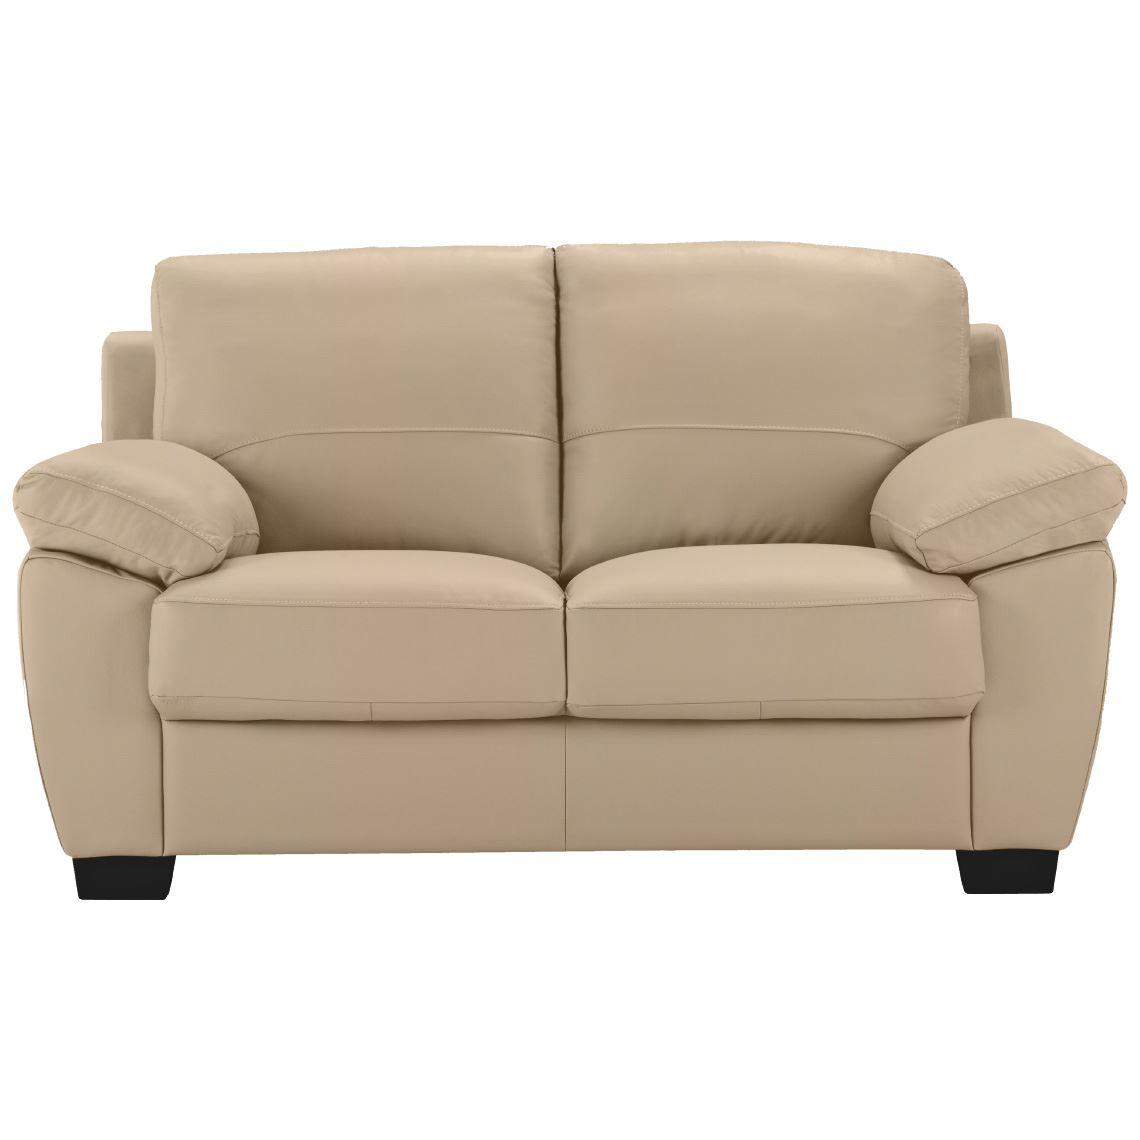 LUCAS 2 Seat Leather Sofa   Products   Sofa, Leather sofa ...